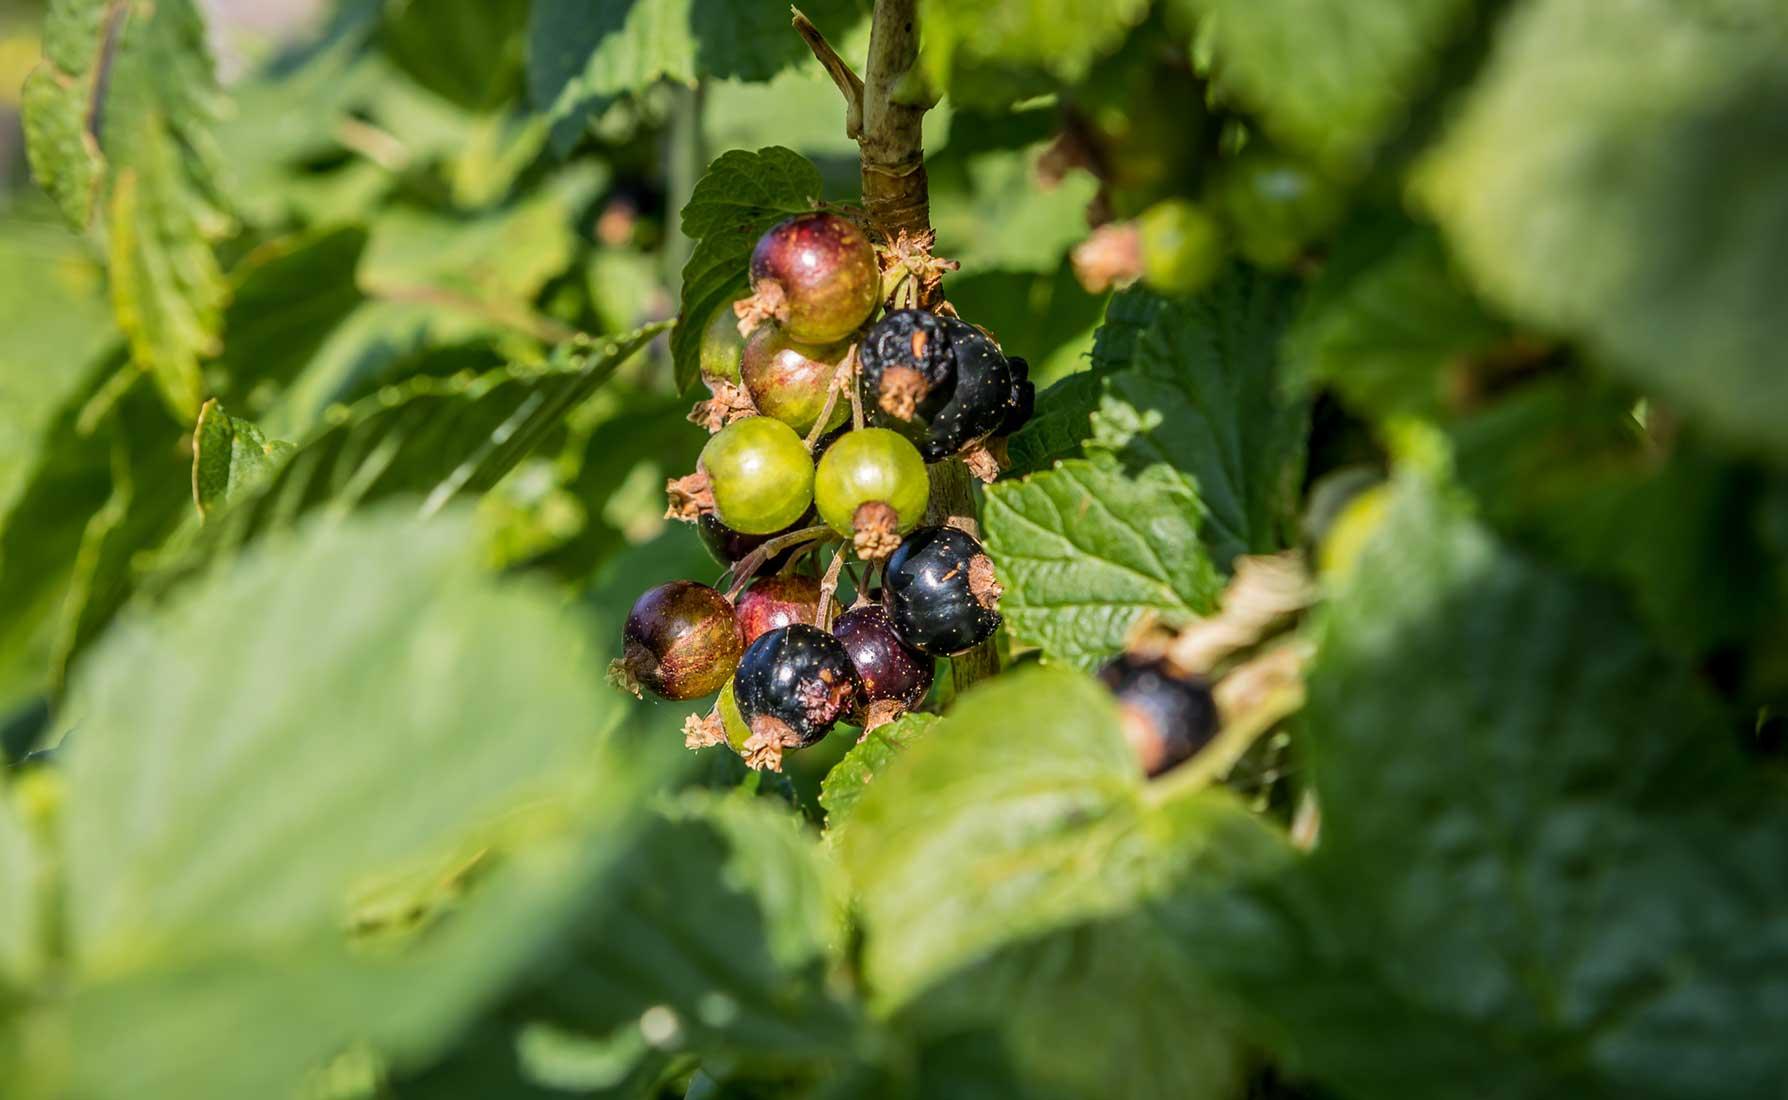 Ribes in maturazione alla coltivazione La Coccinella - Frazione Deles a Fontainemore